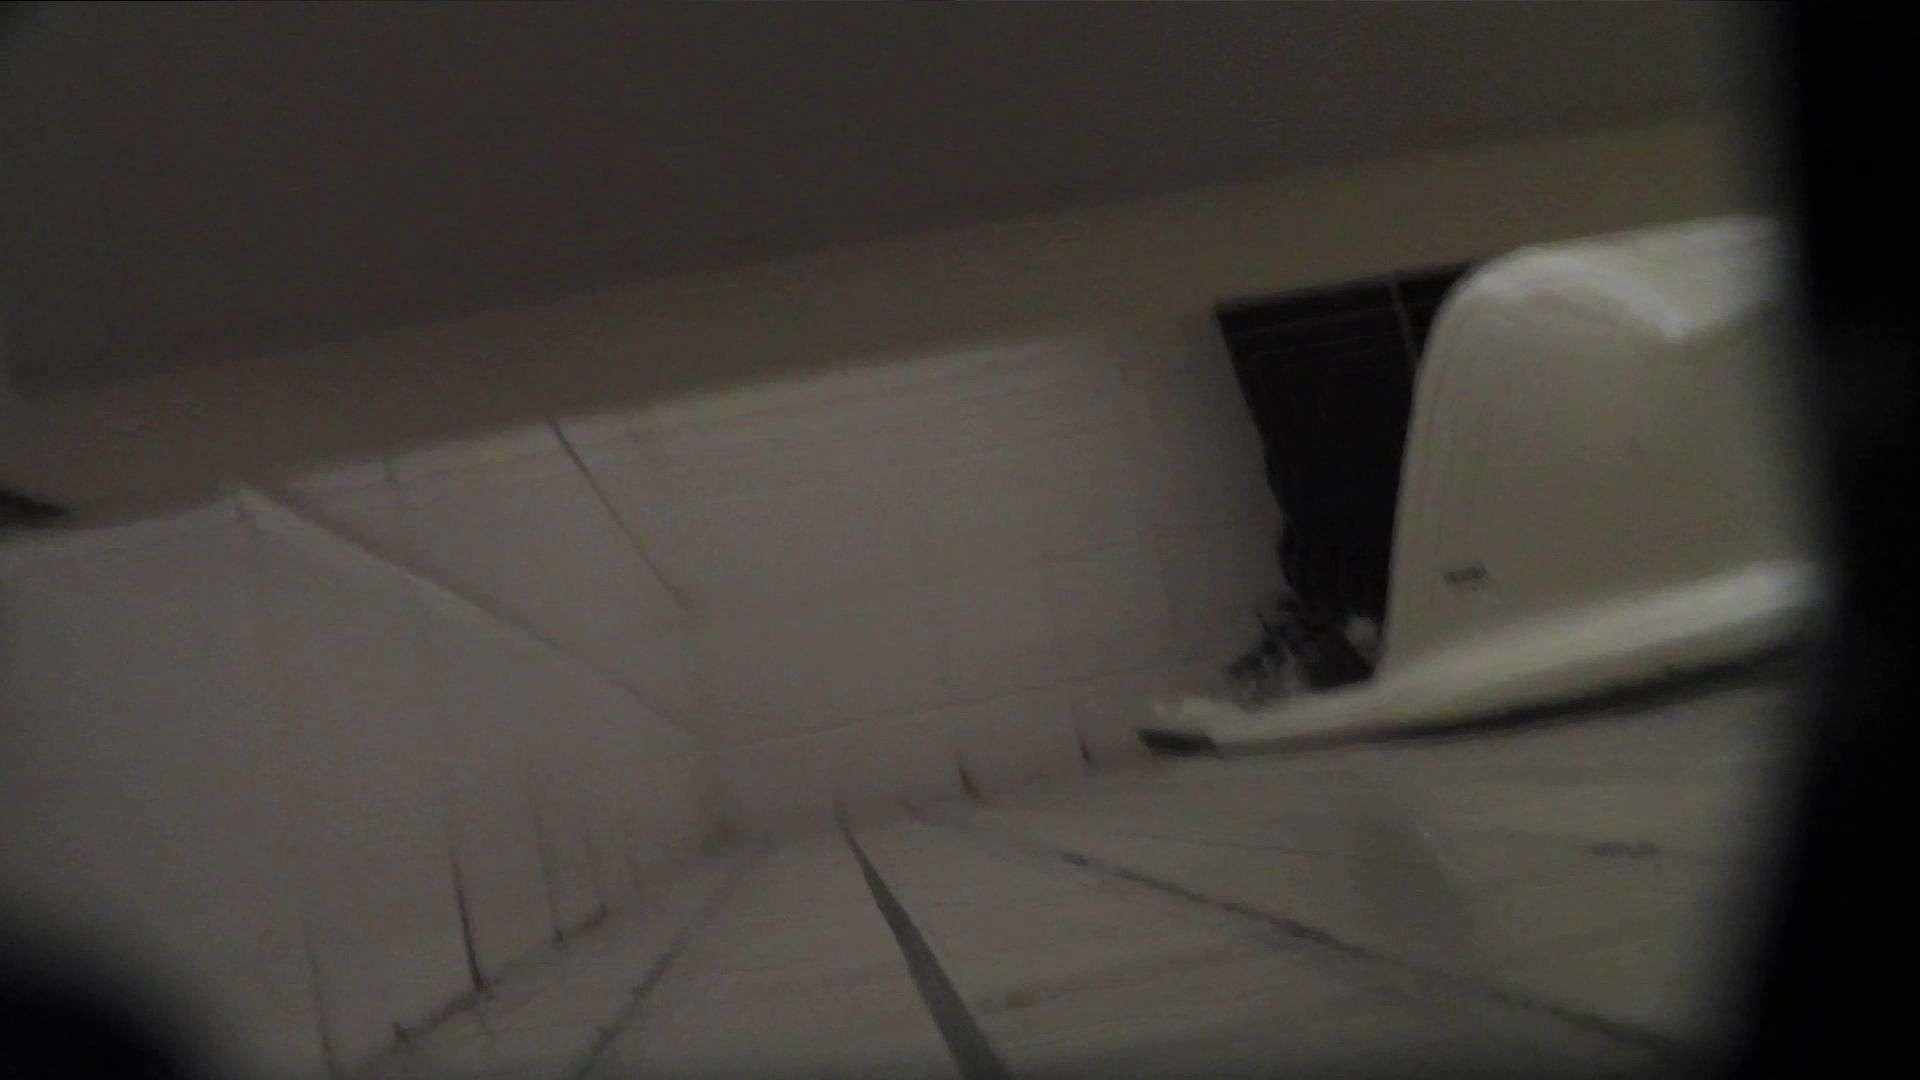 vol.07 命がけ潜伏洗面所! 結構寄れたとおもいます。(笑) 潜入 アダルト動画キャプチャ 74画像 67